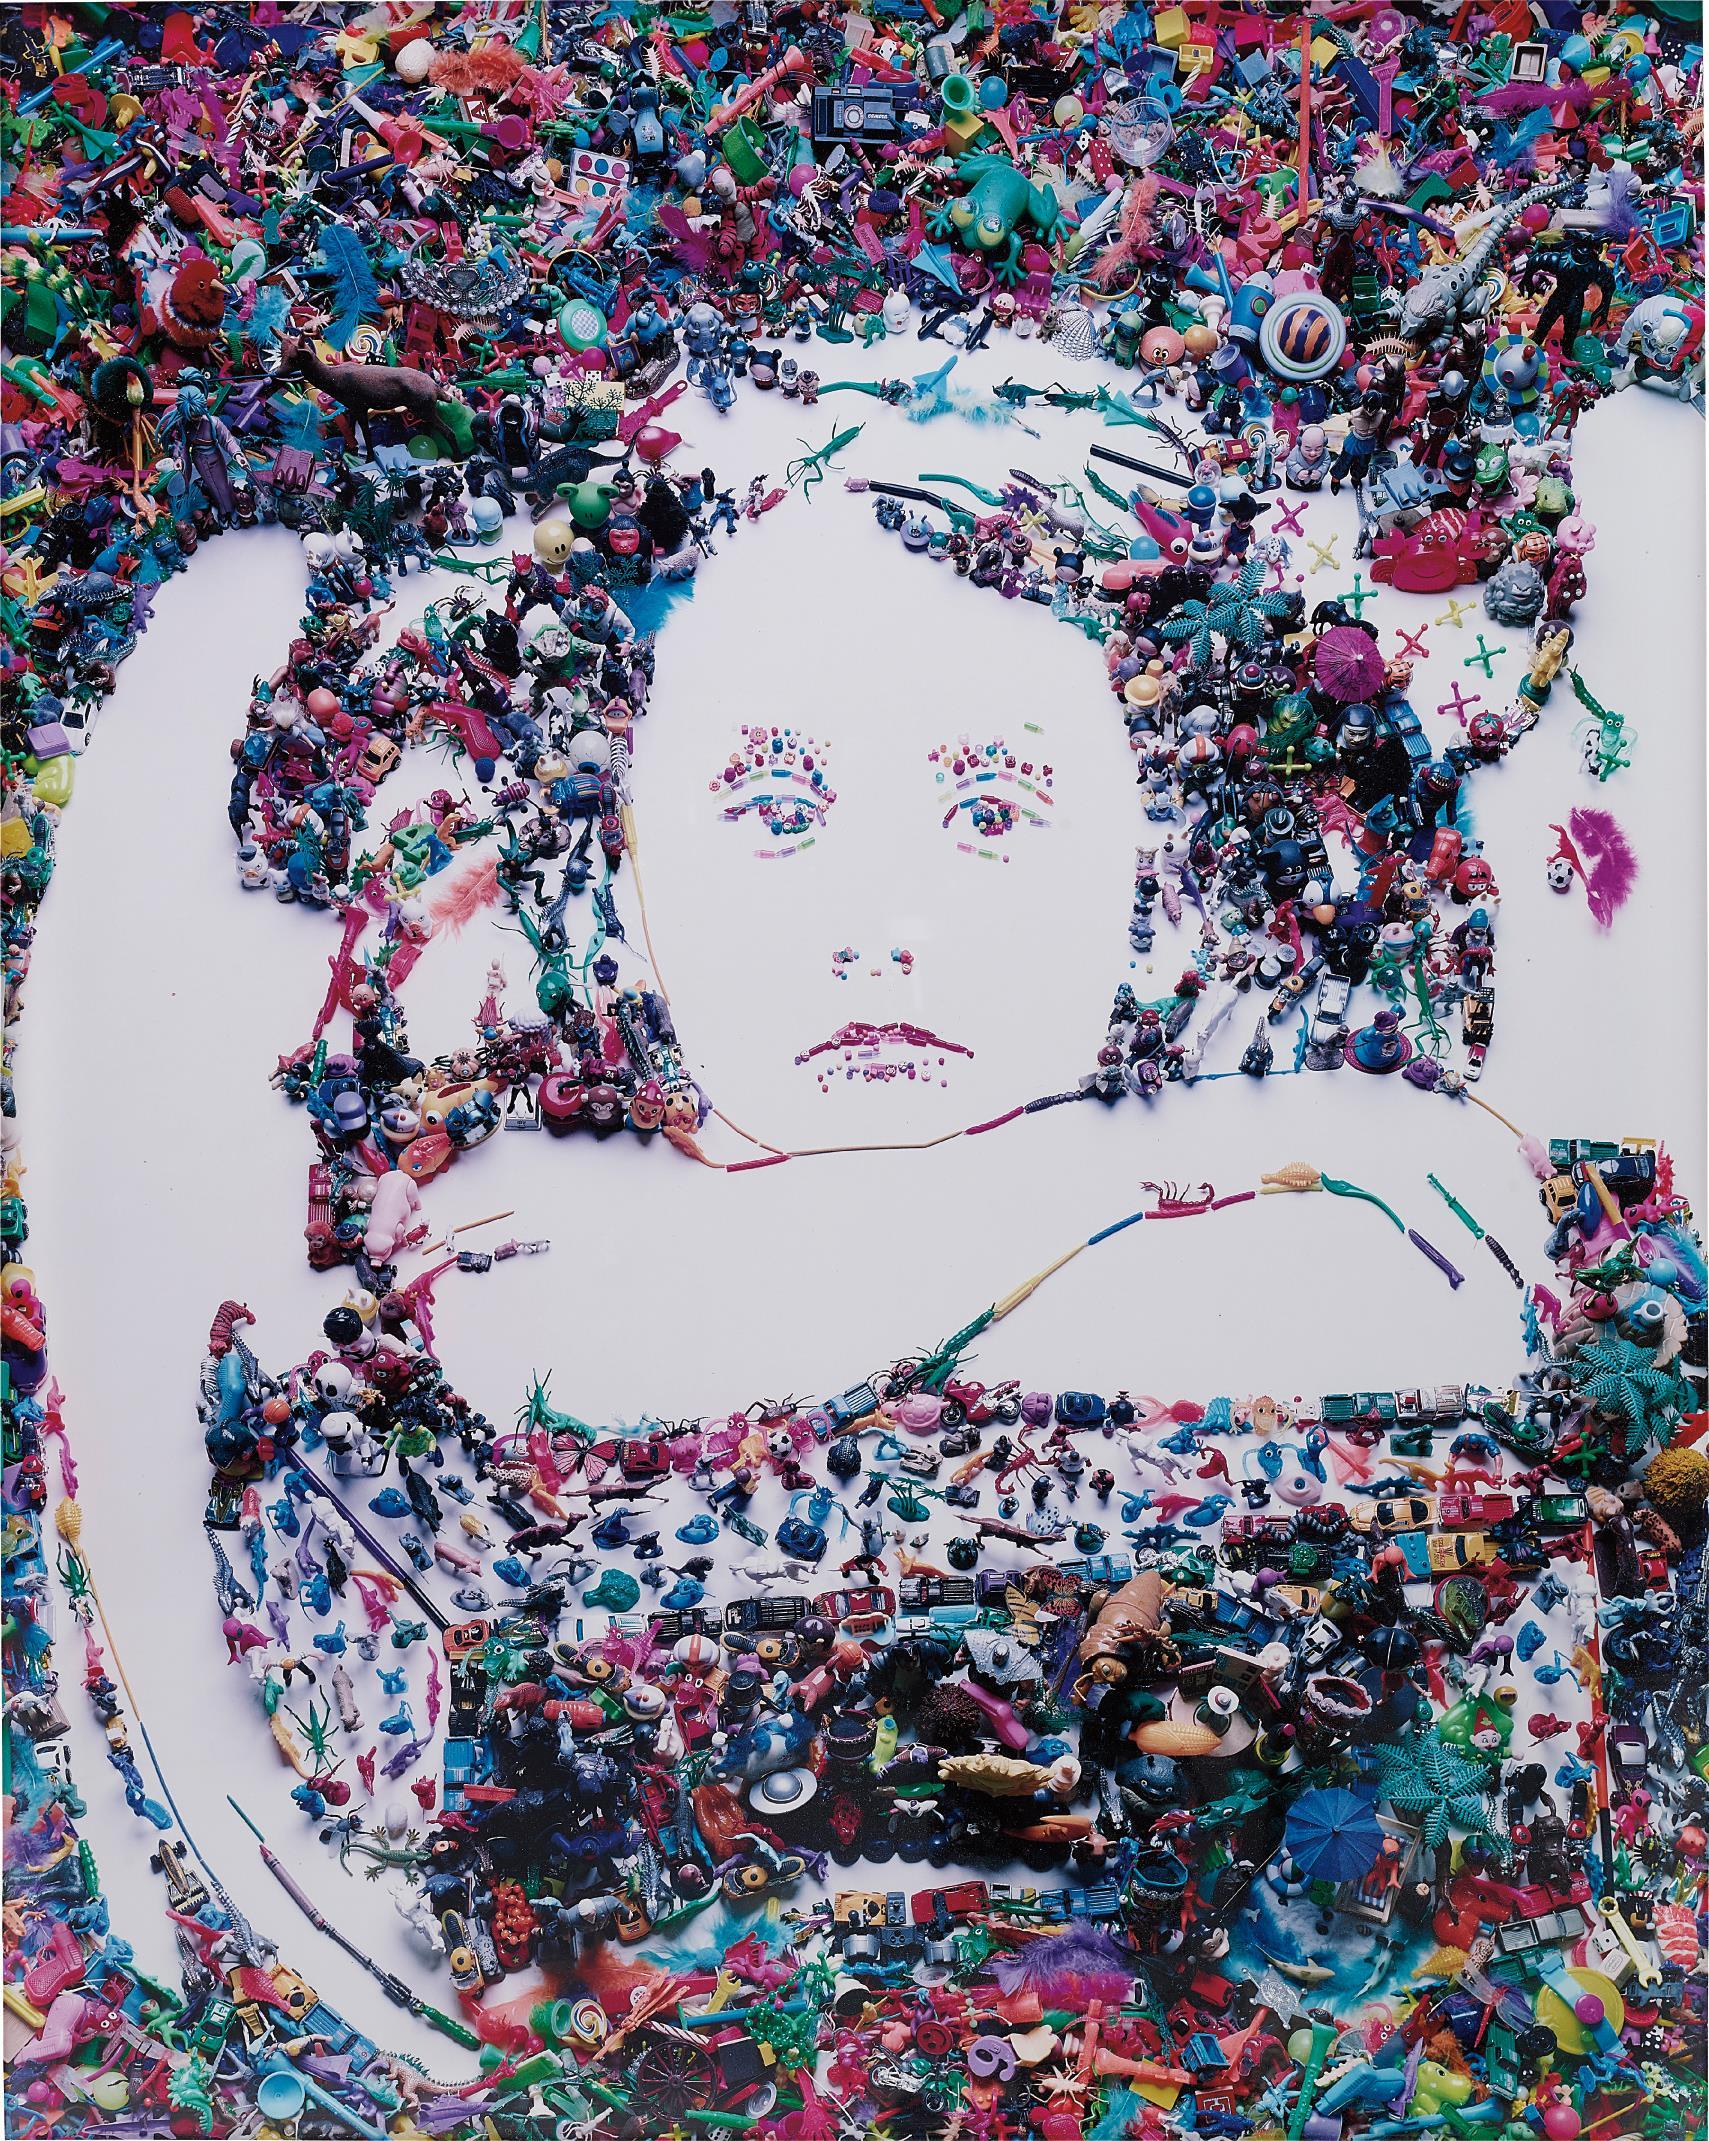 Vik Muniz-I Wait After Julia Margaret Cameron-2004